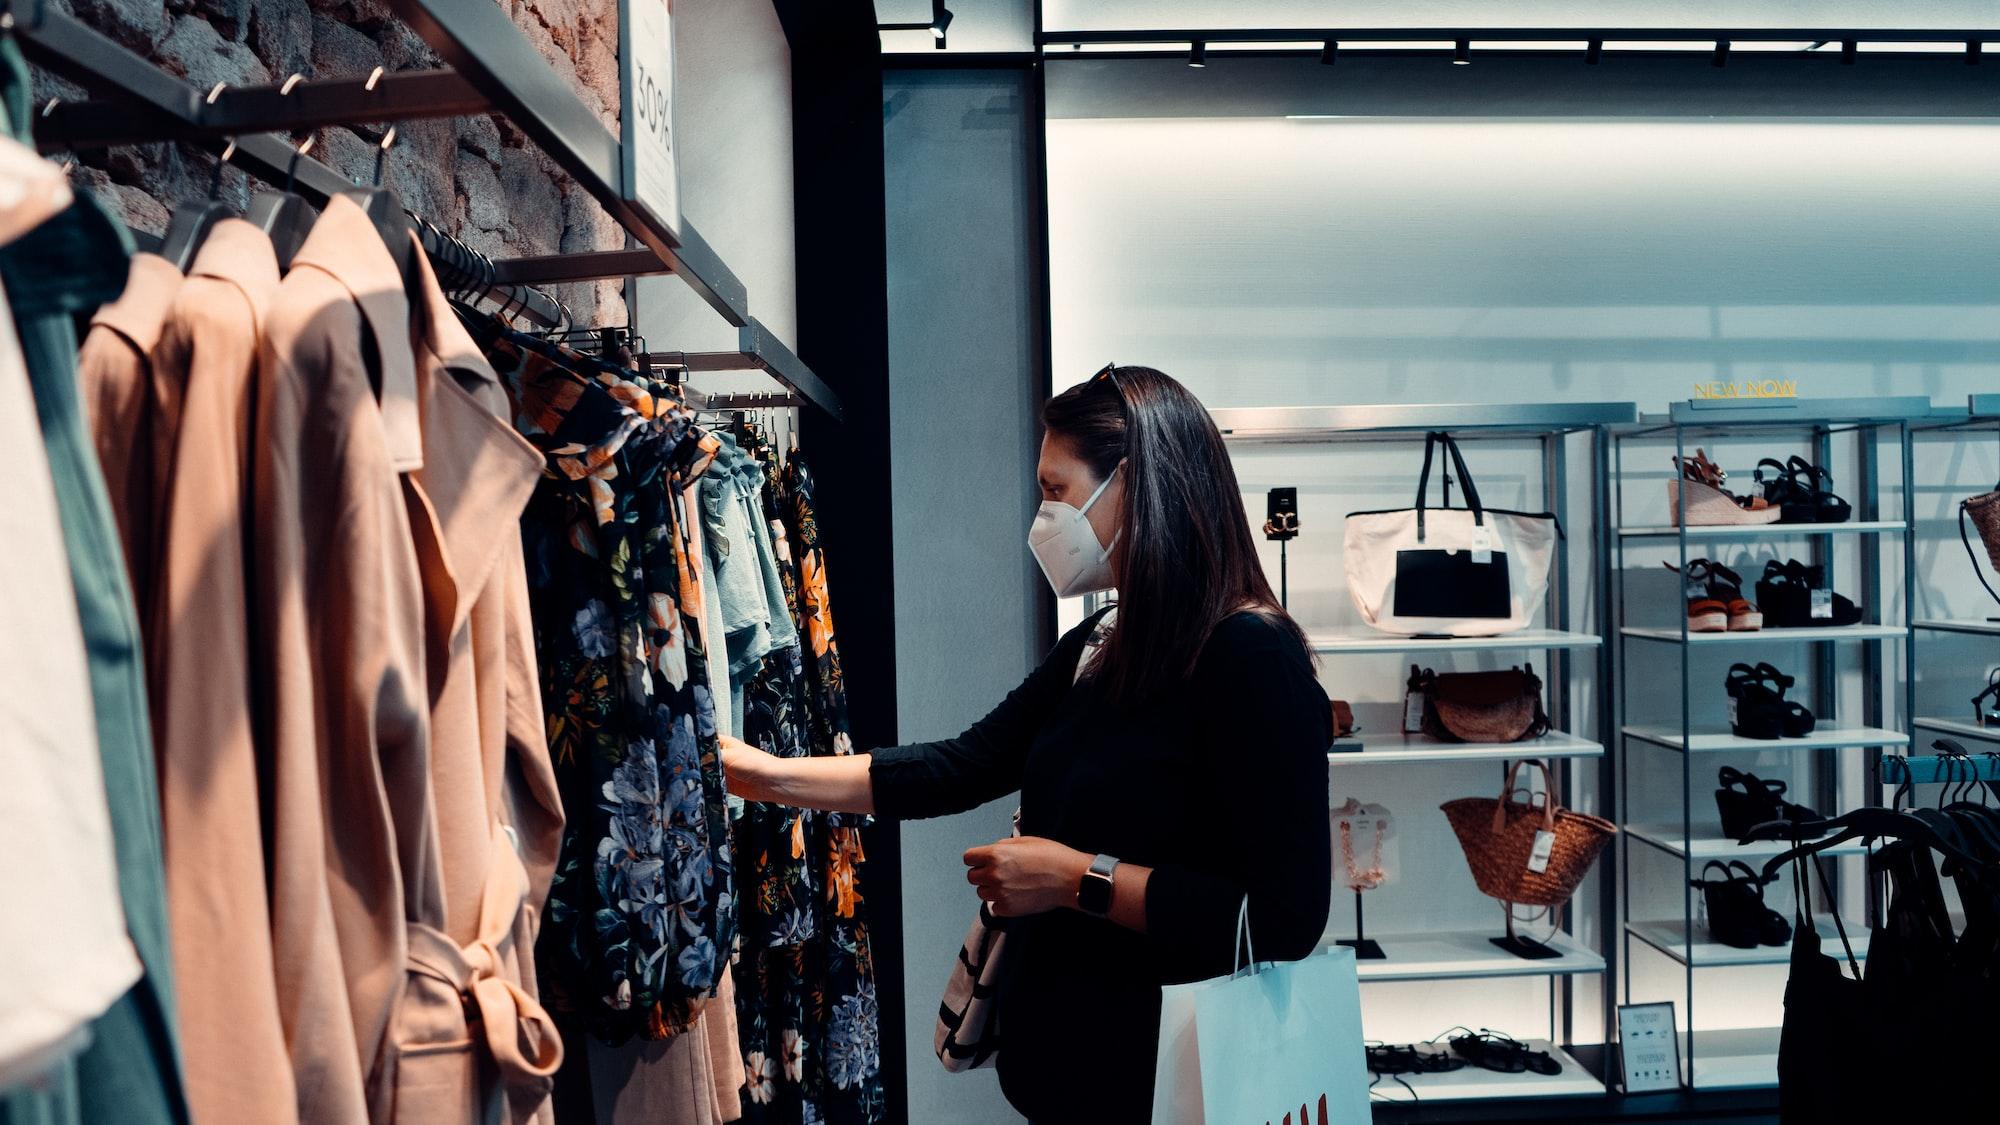 Retail Sales Had a Big Surprise